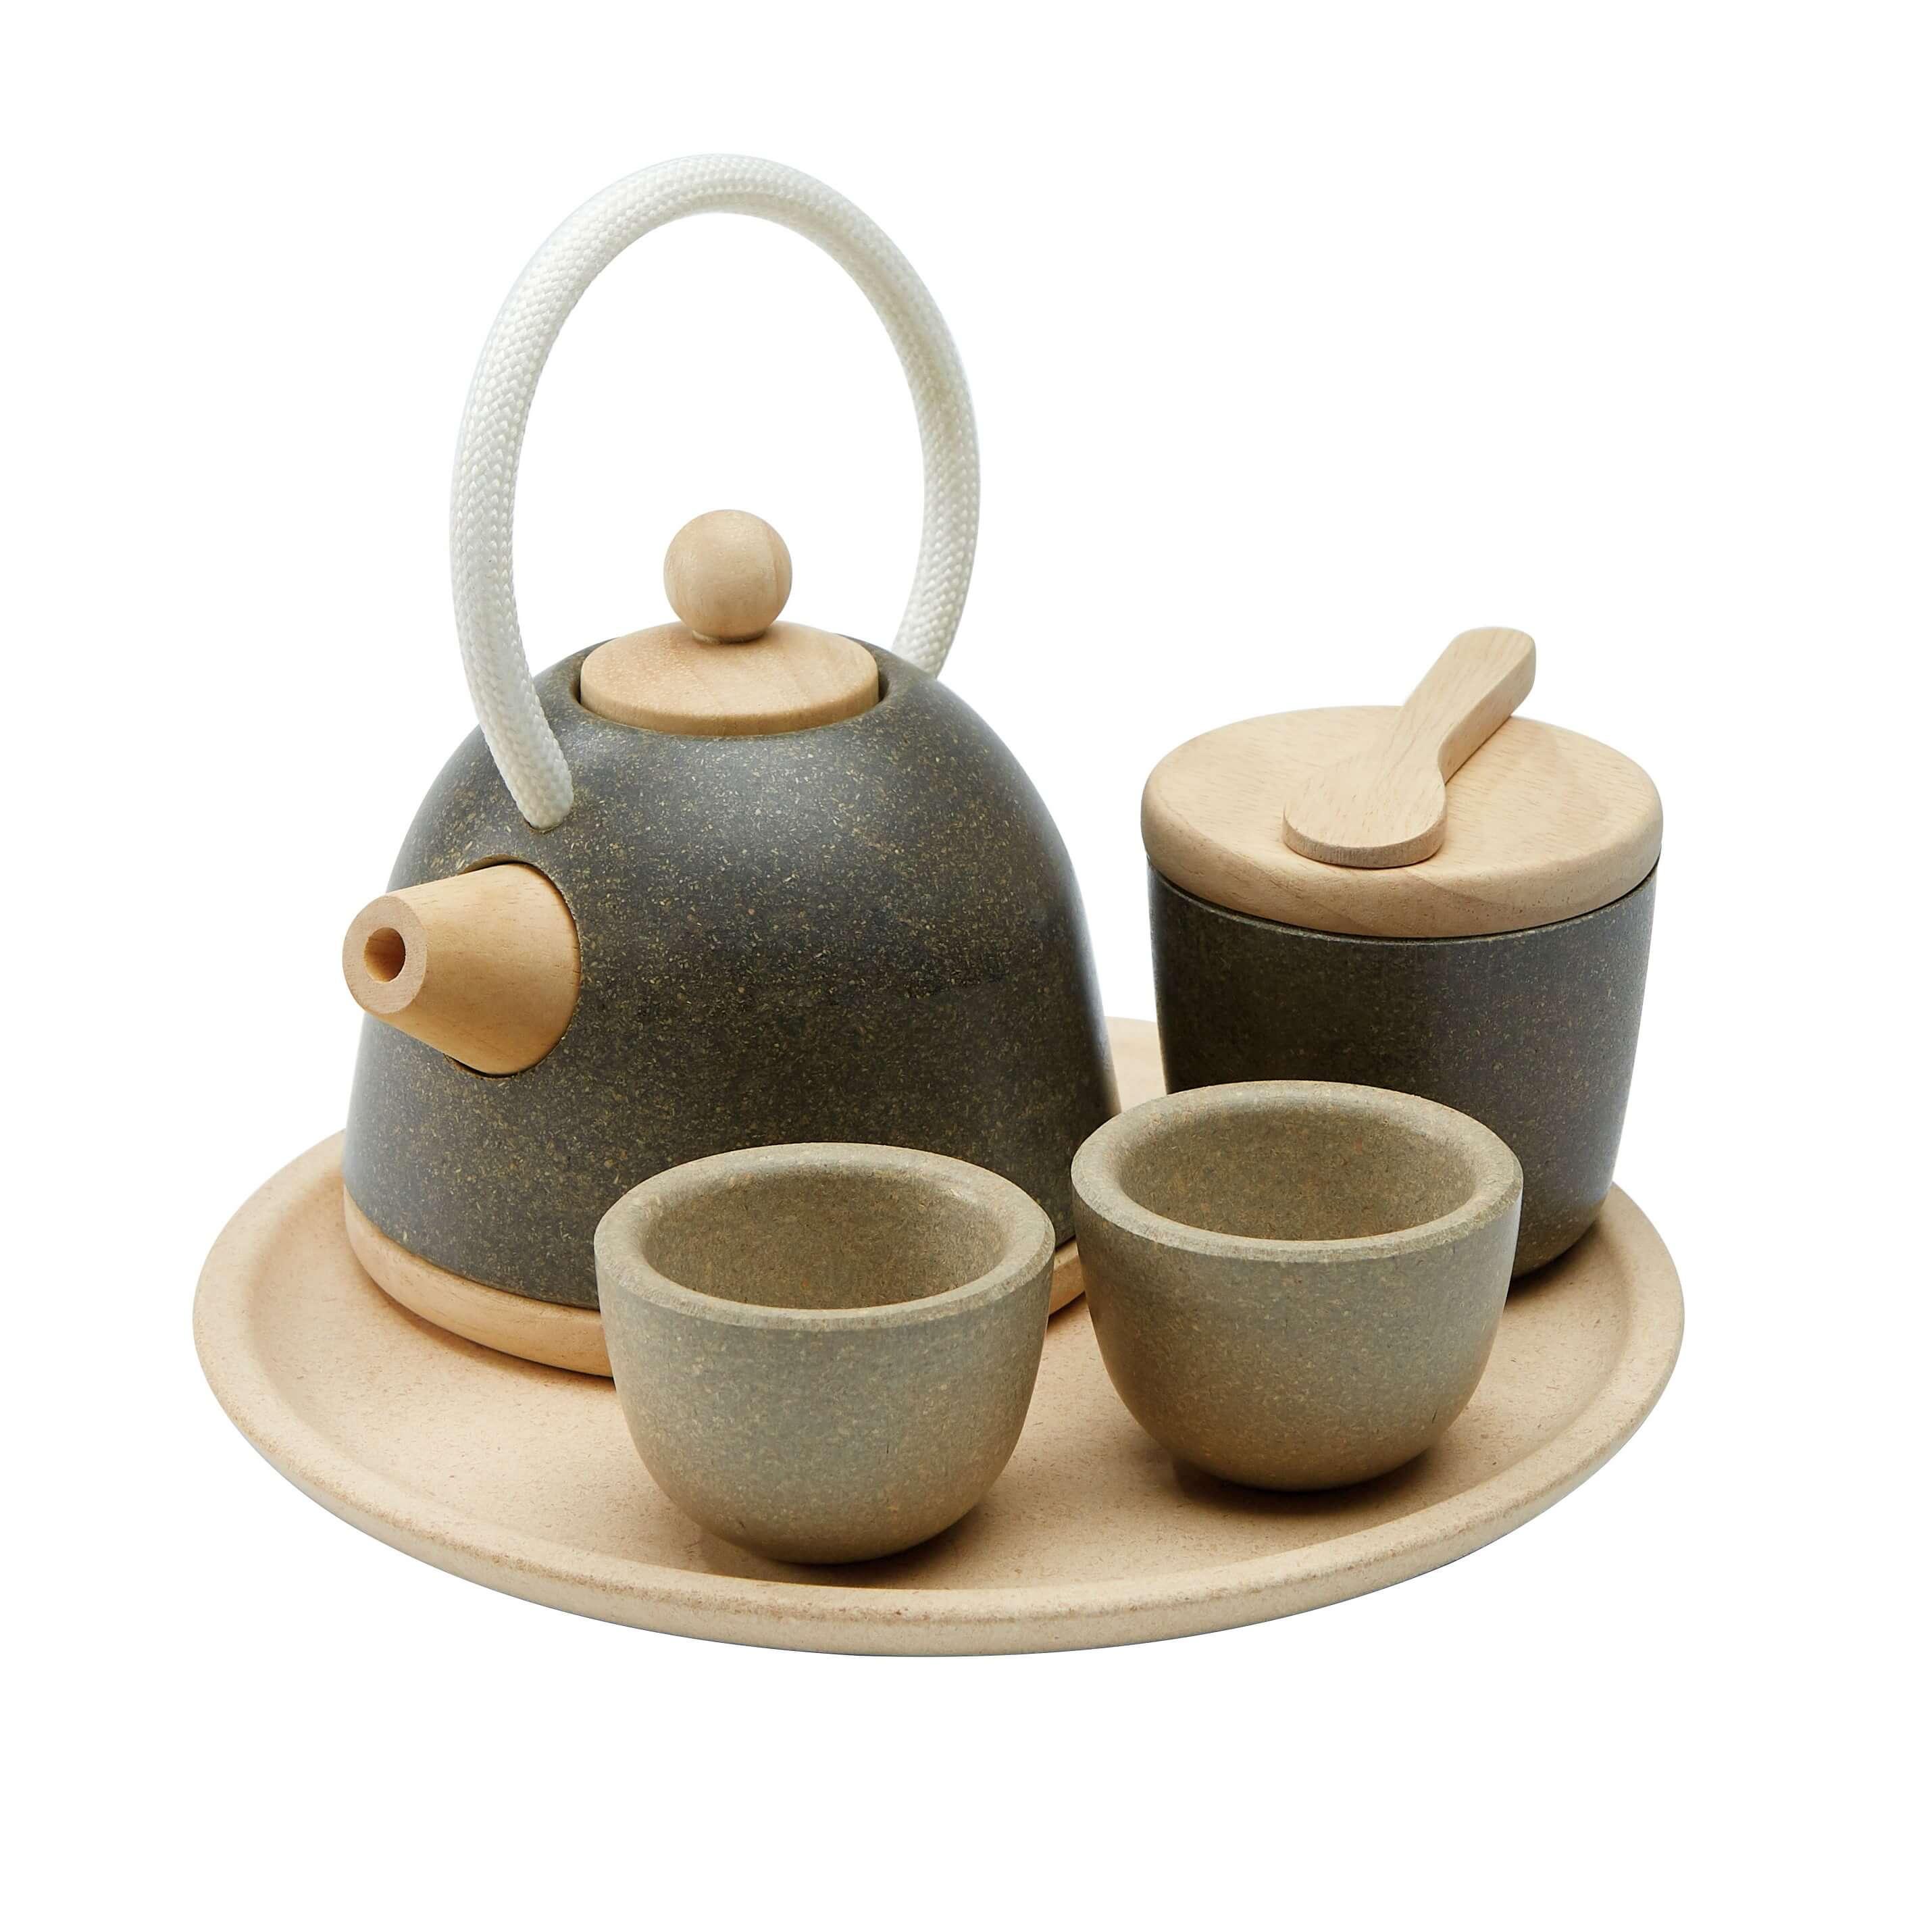 ערכת תה בסגנון נורדי